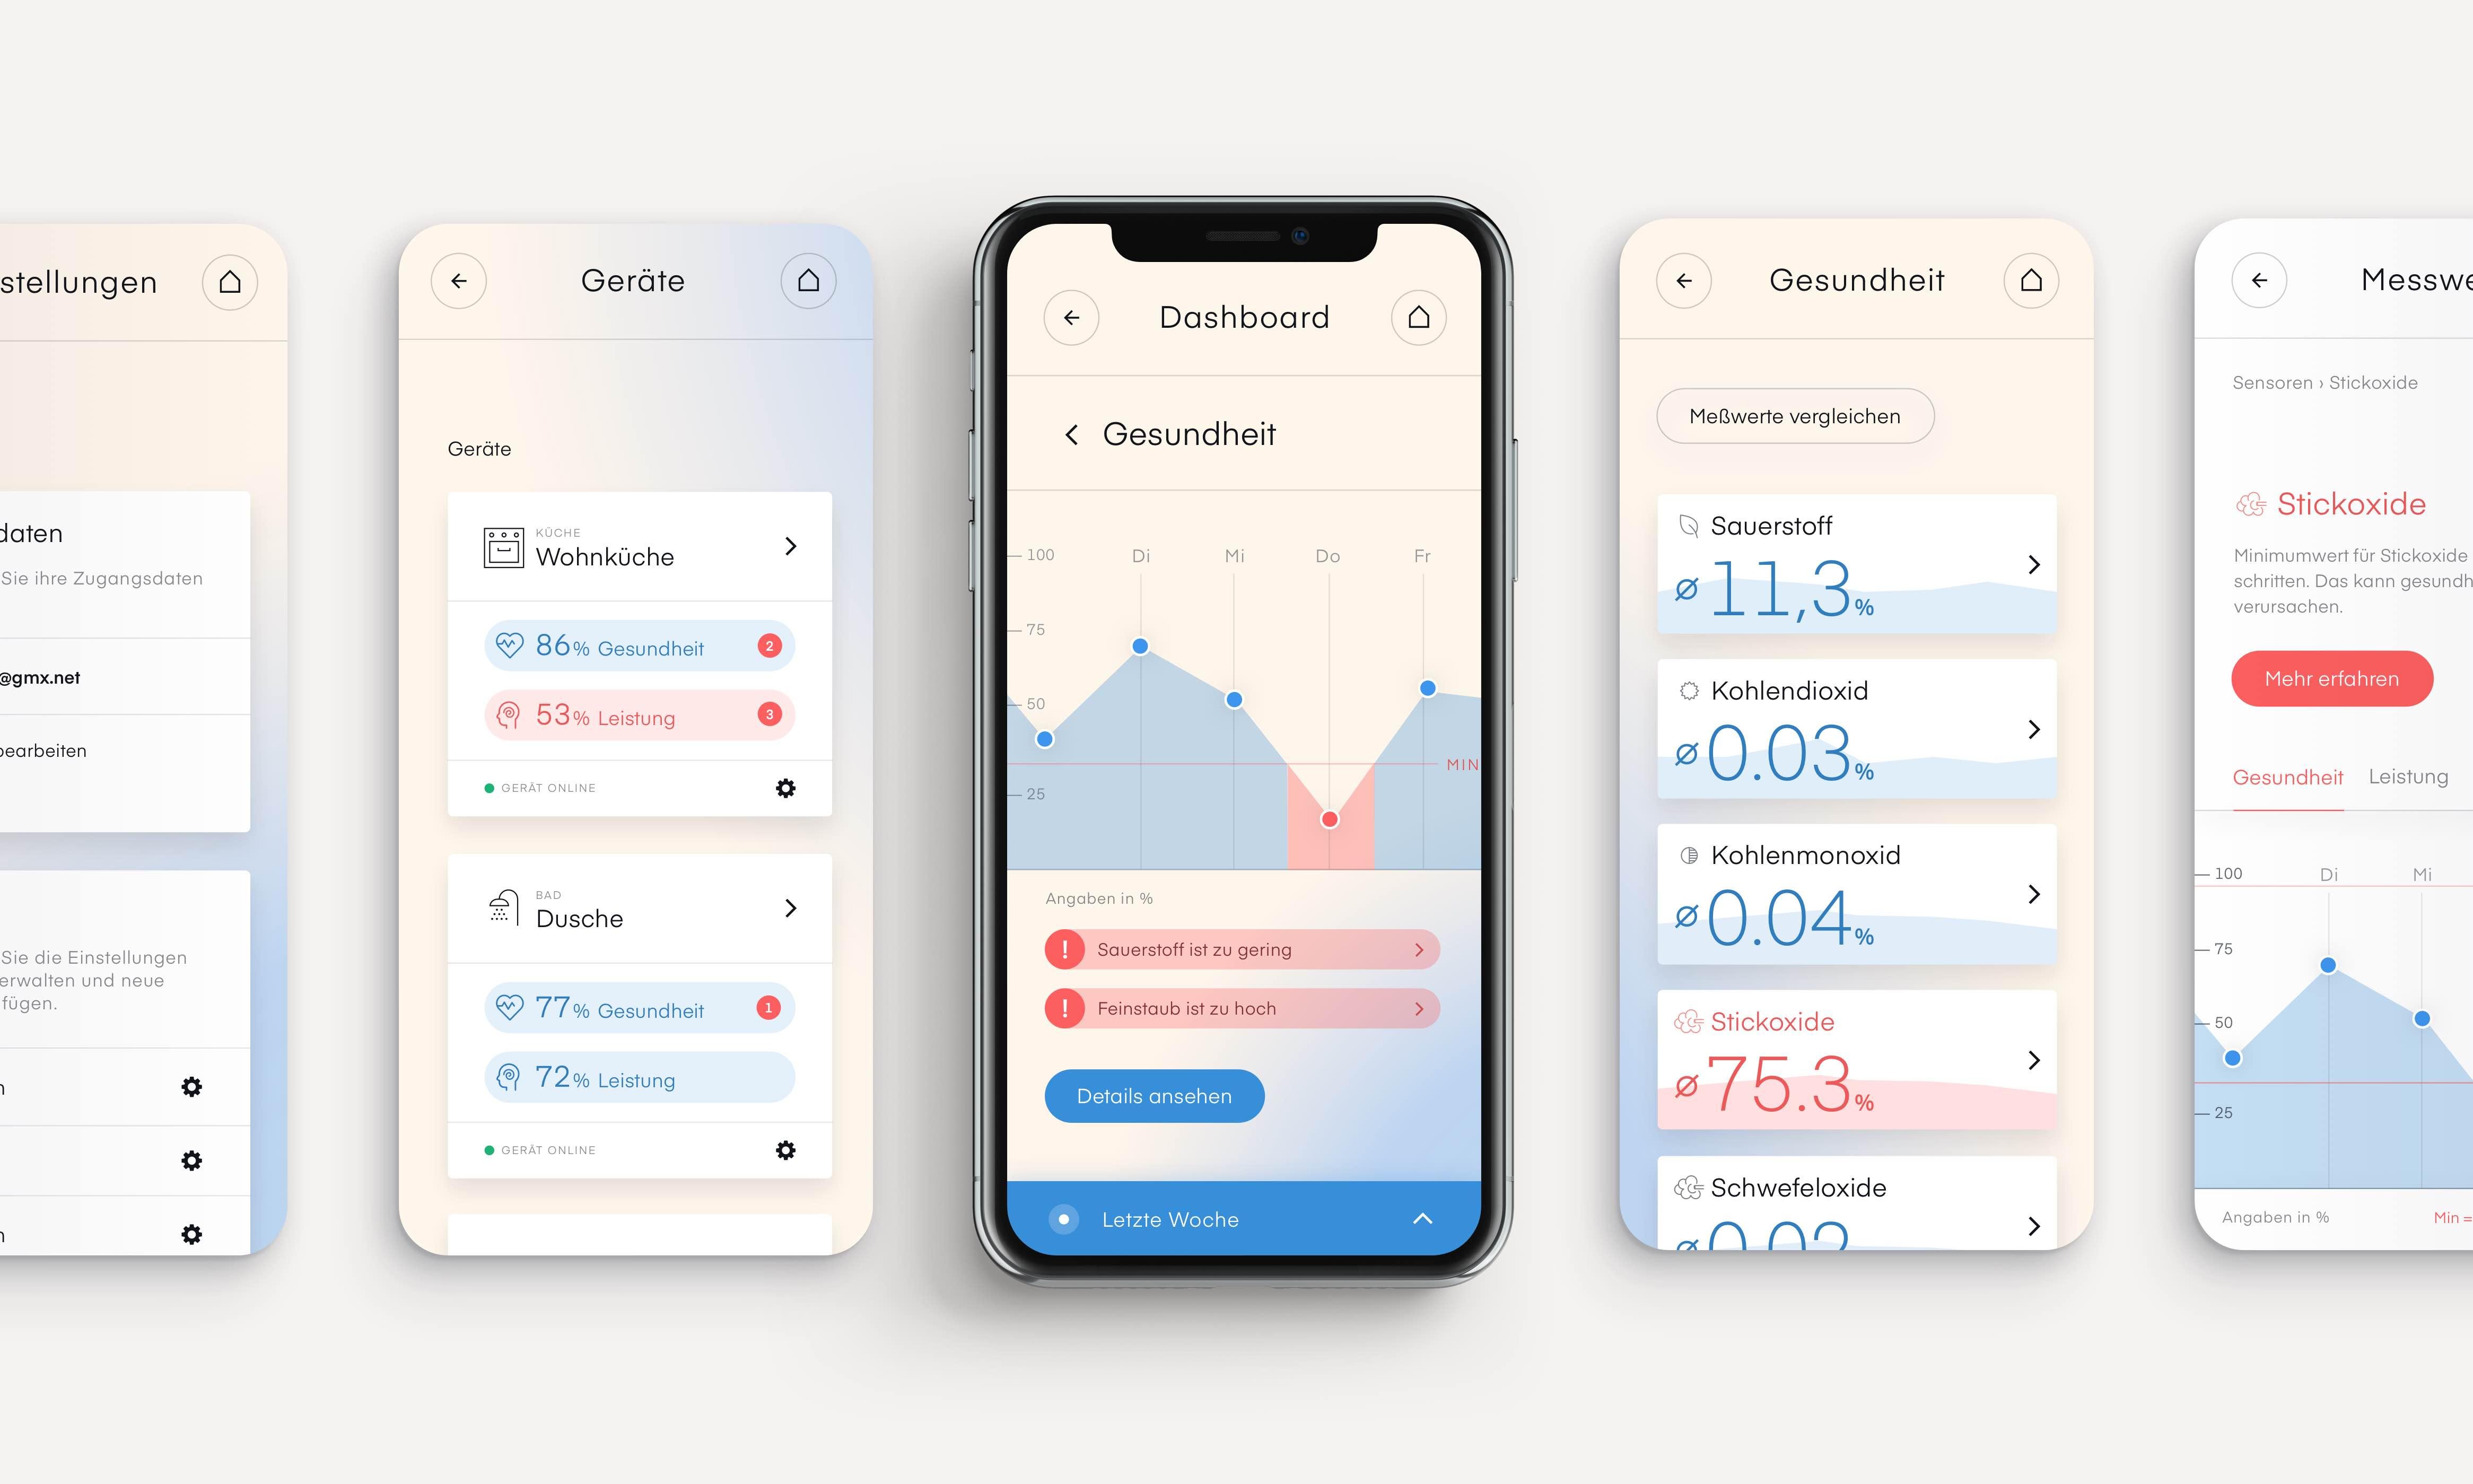 Smartphone mit App-Ansicht der aus Diagramm der Messwerte besteht, links und rechts jeweils 2 weitere Detail-Screens der airQ-App